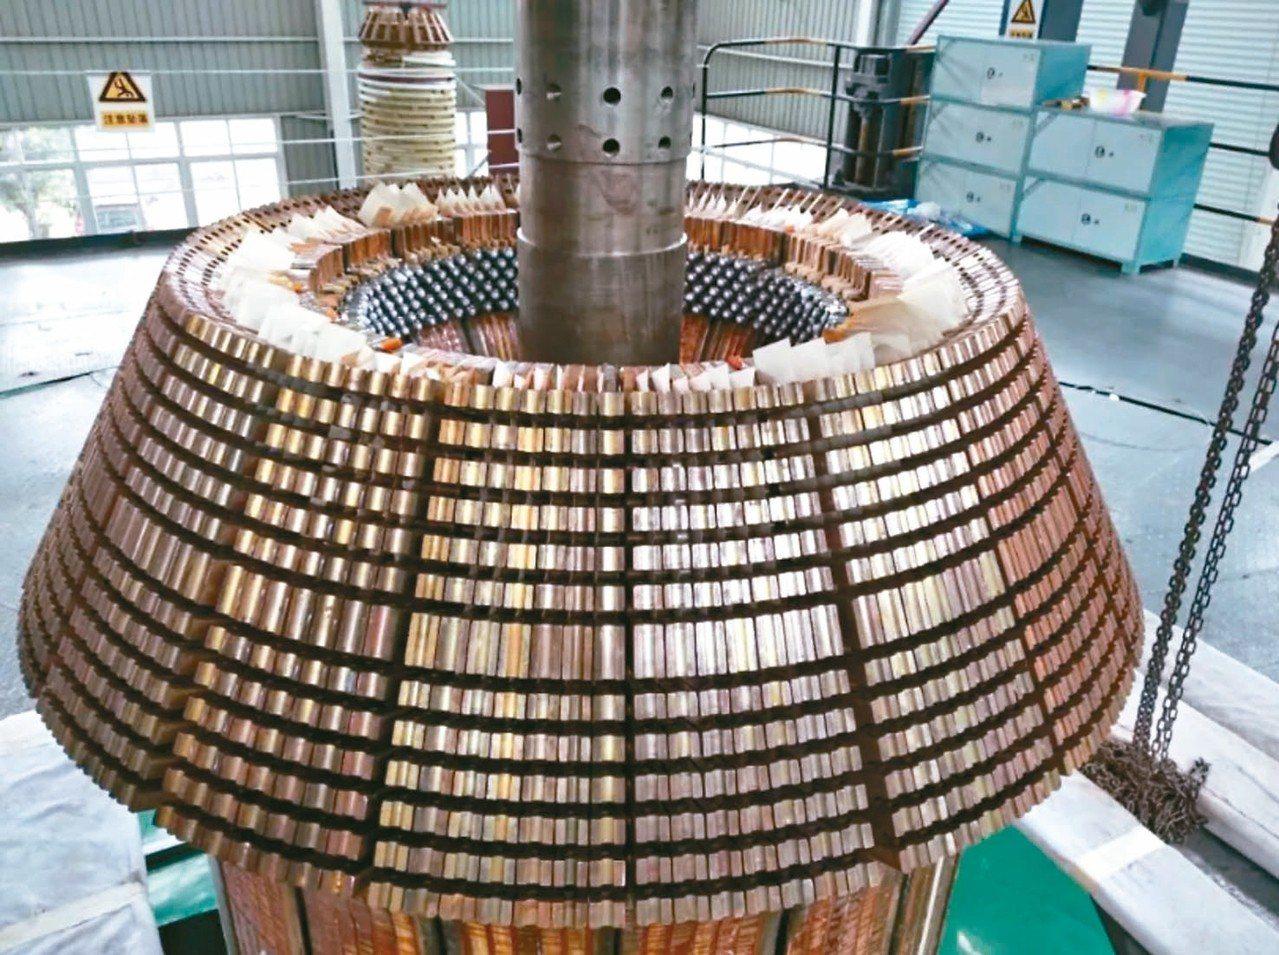 德陽東方電機,大陸首家製造環流器裝置大型磁體線圈的企業。圖為主機磁體線圈裝置。 ...